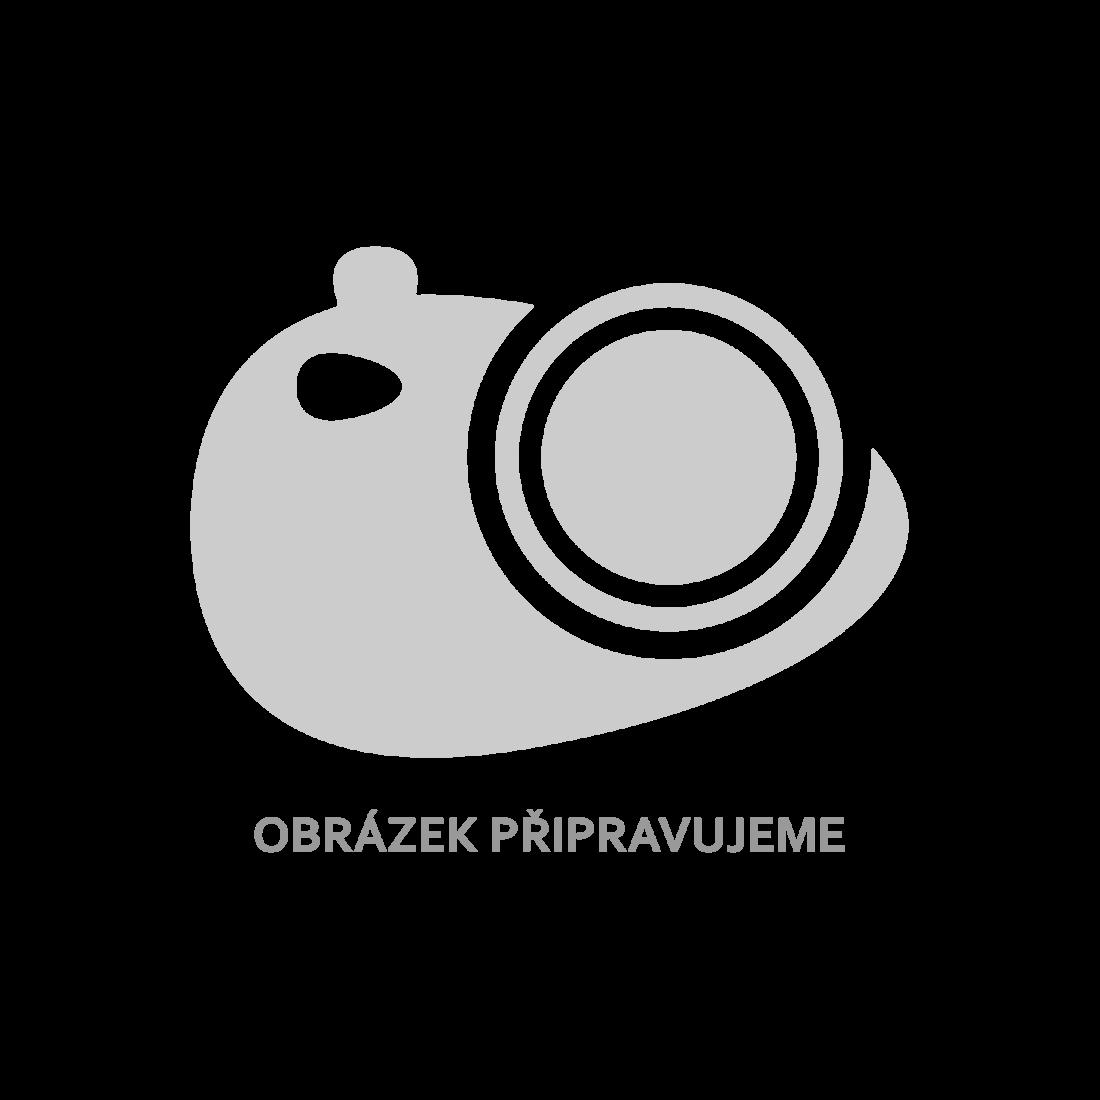 vidaXL Konferenční stolek bílý 110 x 60 x 40 cm masivní borové dřevo [280000]